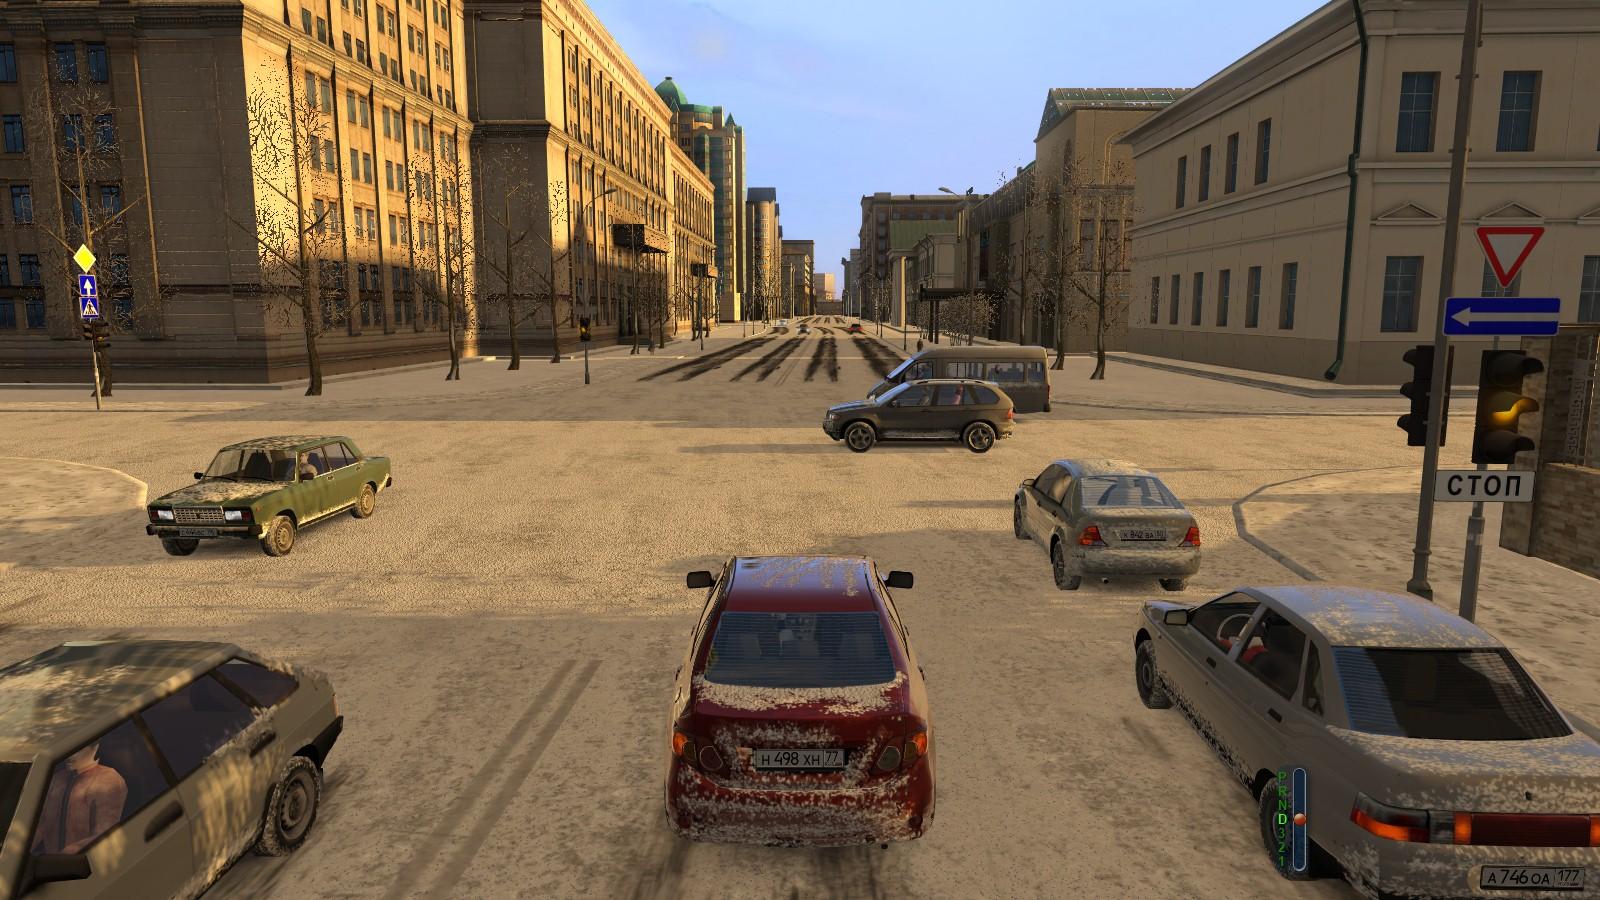 City Car Driving Simulator Demo Free Download